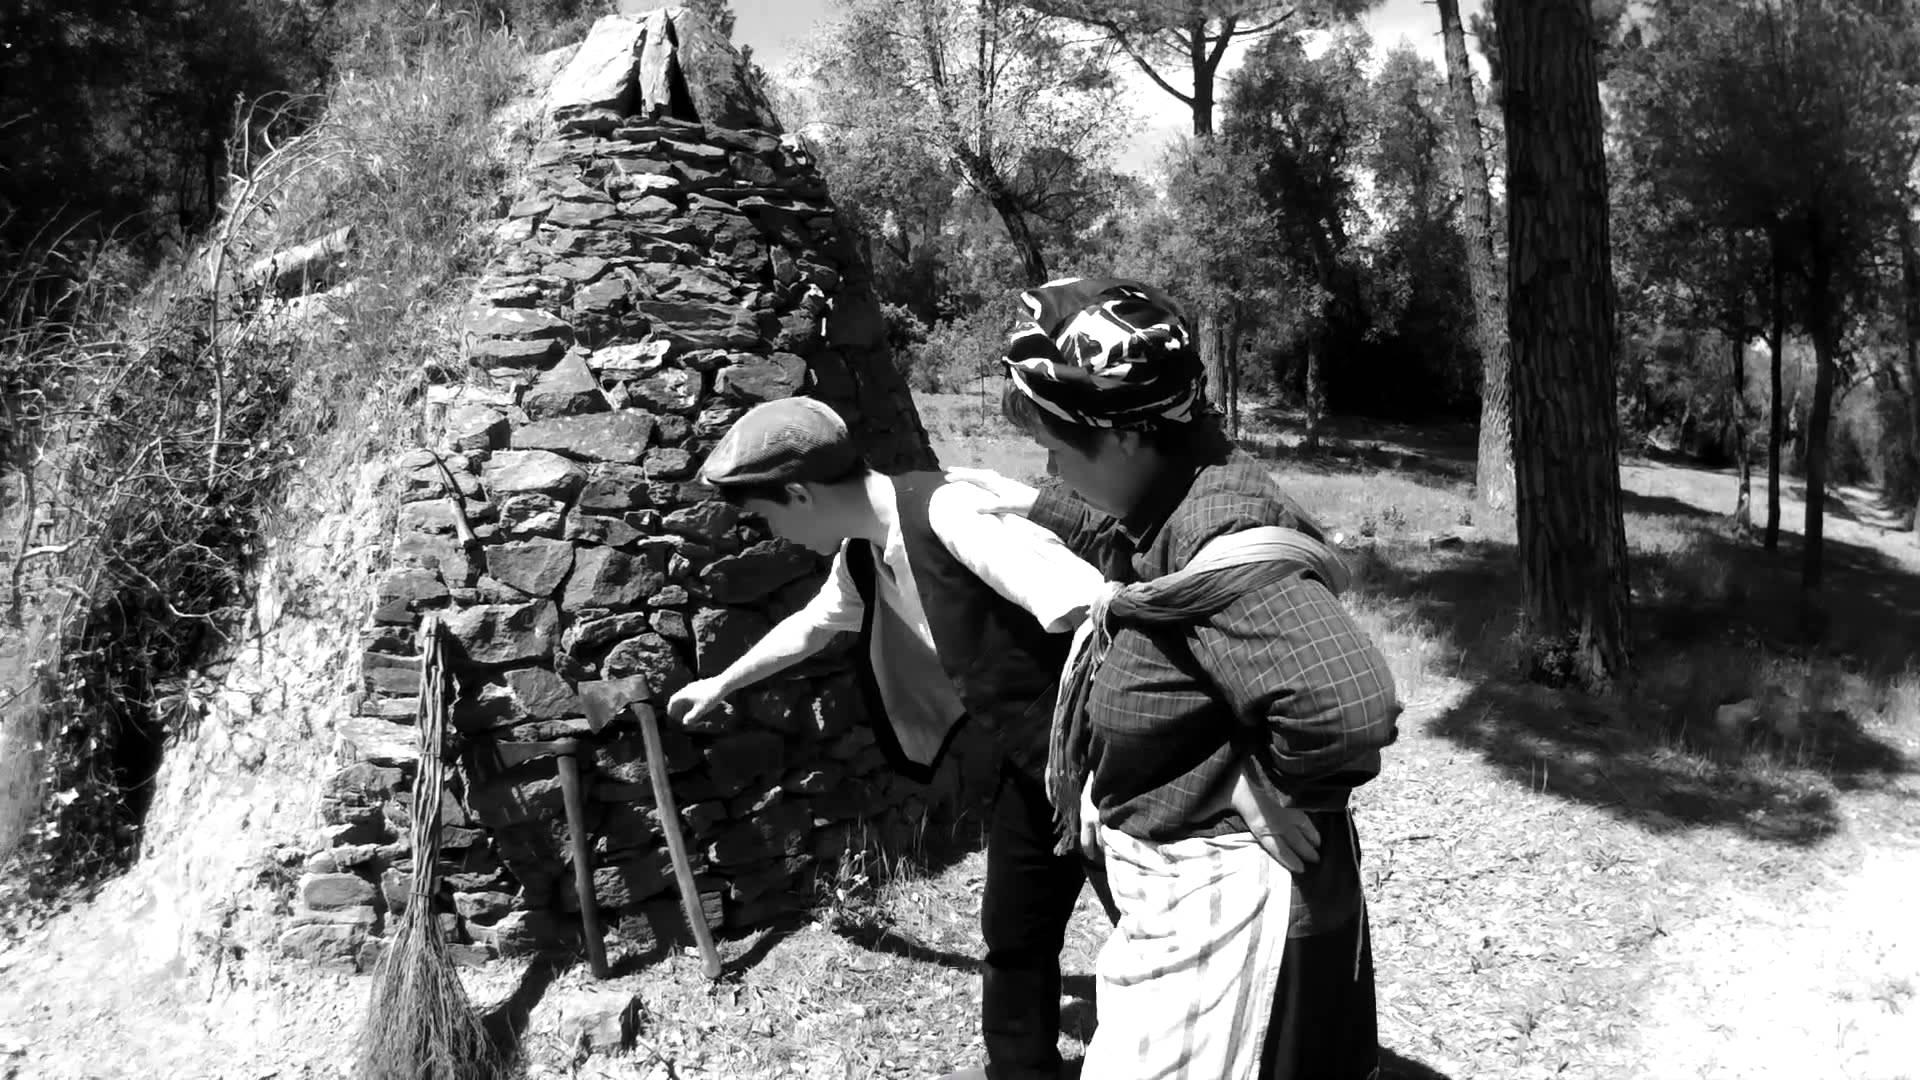 La tradicional Festa de la Carbonera de Forallac, una fiesta que cumple su XIX edición